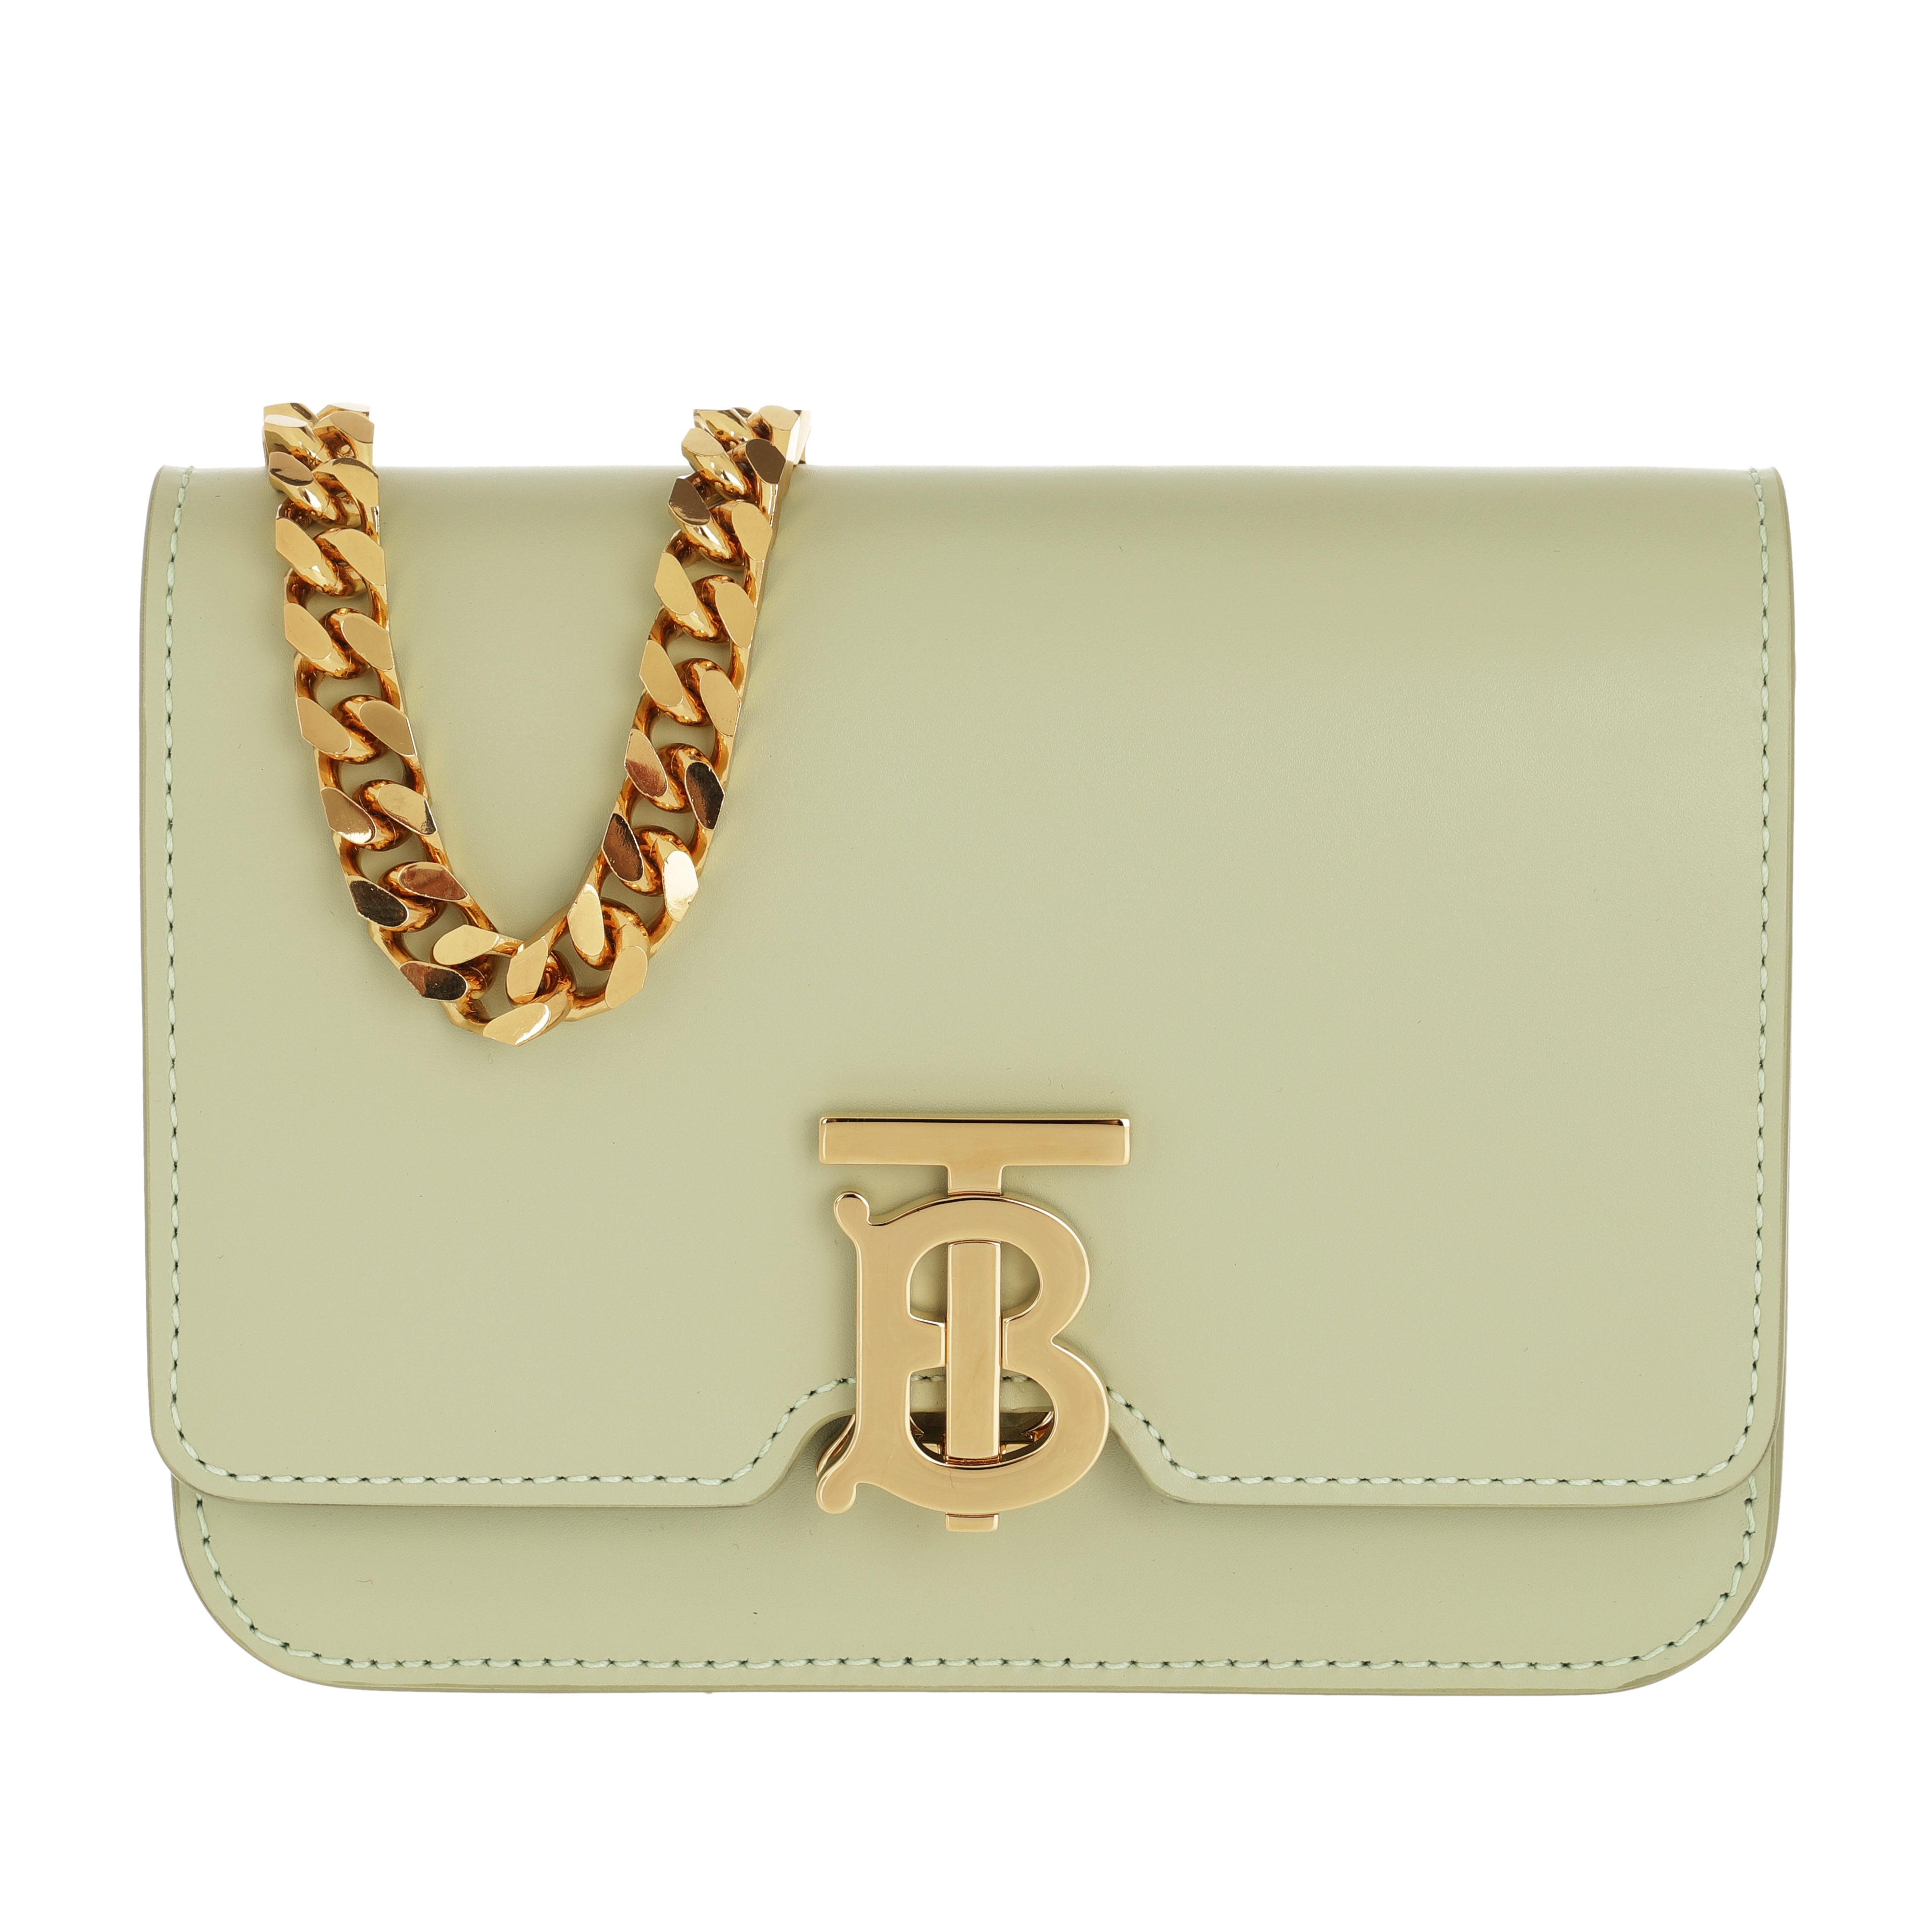 Burberry Gürteltasche - TB Chain Belt Bag Sage Green - in grün - für Damen